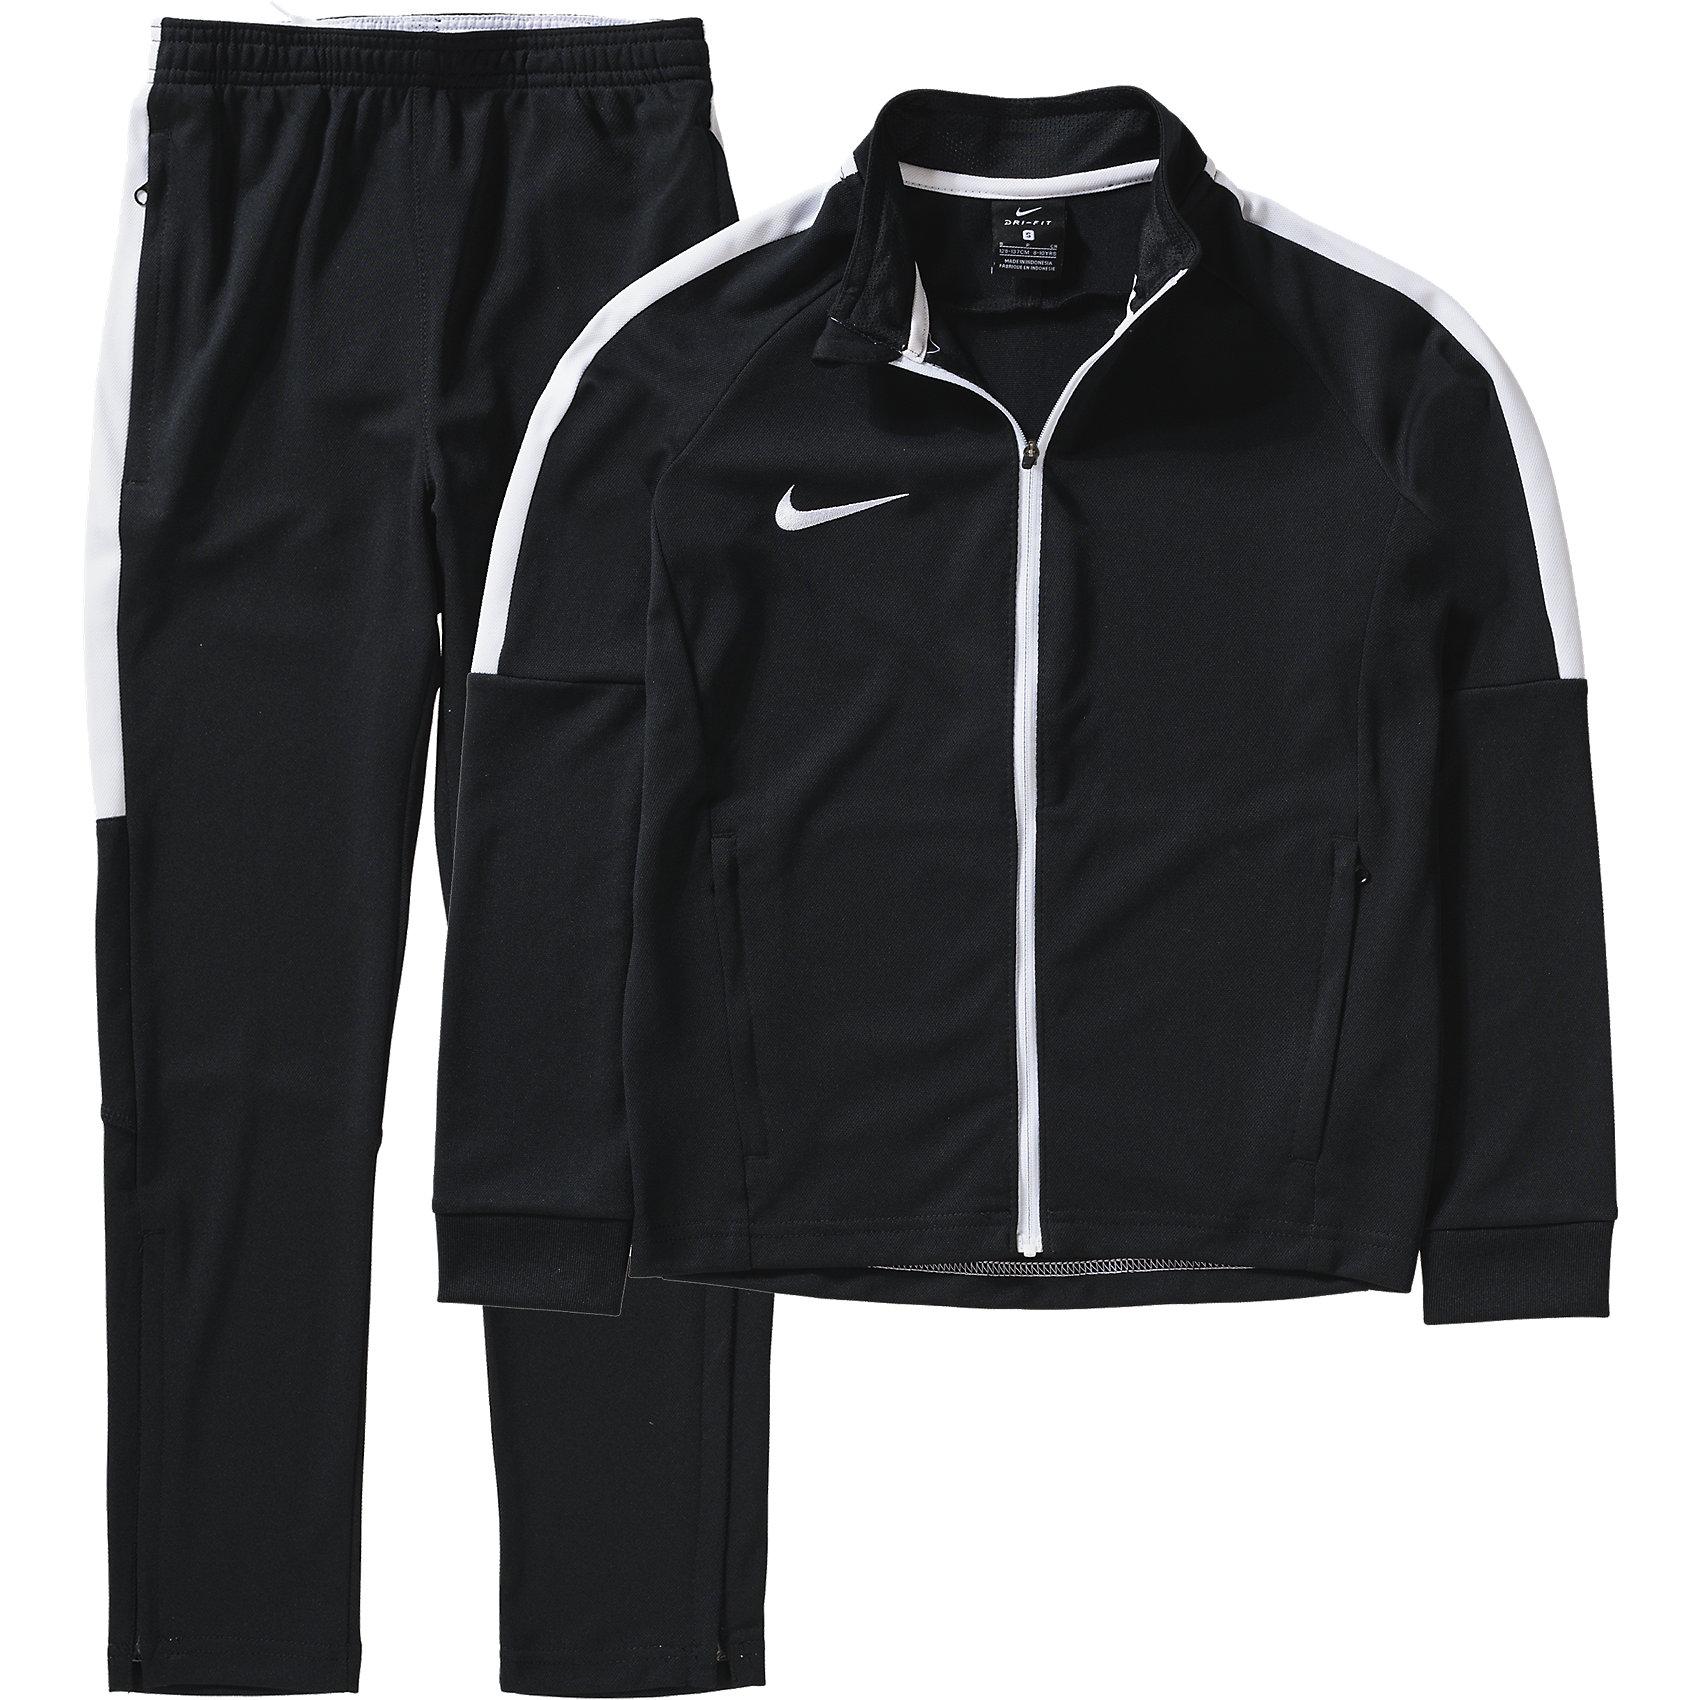 Спортивный костюм NIKEСпортивная форма<br>Характеристики товара:<br><br>• цвет: черный<br>• комплектация: курточка, брюки<br>• спортивный стиль<br>• состав: 100% полиэстер, Nike Dry<br>• мягкий пояс брюк<br>• комфортная посадка <br>• молния<br>• манжеты<br>• небольшой принт<br>• материал дарит ощущение прохлады и комфорт<br>• машинная стирка<br>• износостойкий материал<br>• страна бренда: США<br>• страна изготовитель: Индонезия<br><br>Продукция бренда NIKE известна высоким качеством и уникальным узнаваемым дизайном. Удобная посадка не сковывает движения, помогает создать для тела необходимую вентиляцию и вывод влаги.<br><br>Материал обеспечивает вещам долгий срок службы и отличный внешний вид даже после значительного количества стирок. Уход за изделием прост - достаточно машинной стирки на низкой температуре.<br><br>Качественный материал создает комфортную посадку, вещь при этом смотрится очень стильно. Благодаря универсальному цвету она отлично смотрится с разной одеждой и обувью.<br><br>Спортивный костюм NIKE (Найк) можно купить в нашем интернет-магазине.<br><br>Ширина мм: 286<br>Глубина мм: 222<br>Высота мм: 78<br>Вес г: 582<br>Цвет: черный<br>Возраст от месяцев: 120<br>Возраст до месяцев: 192<br>Пол: Мужской<br>Возраст: Детский<br>Размер: 158/170<br>SKU: 6681970